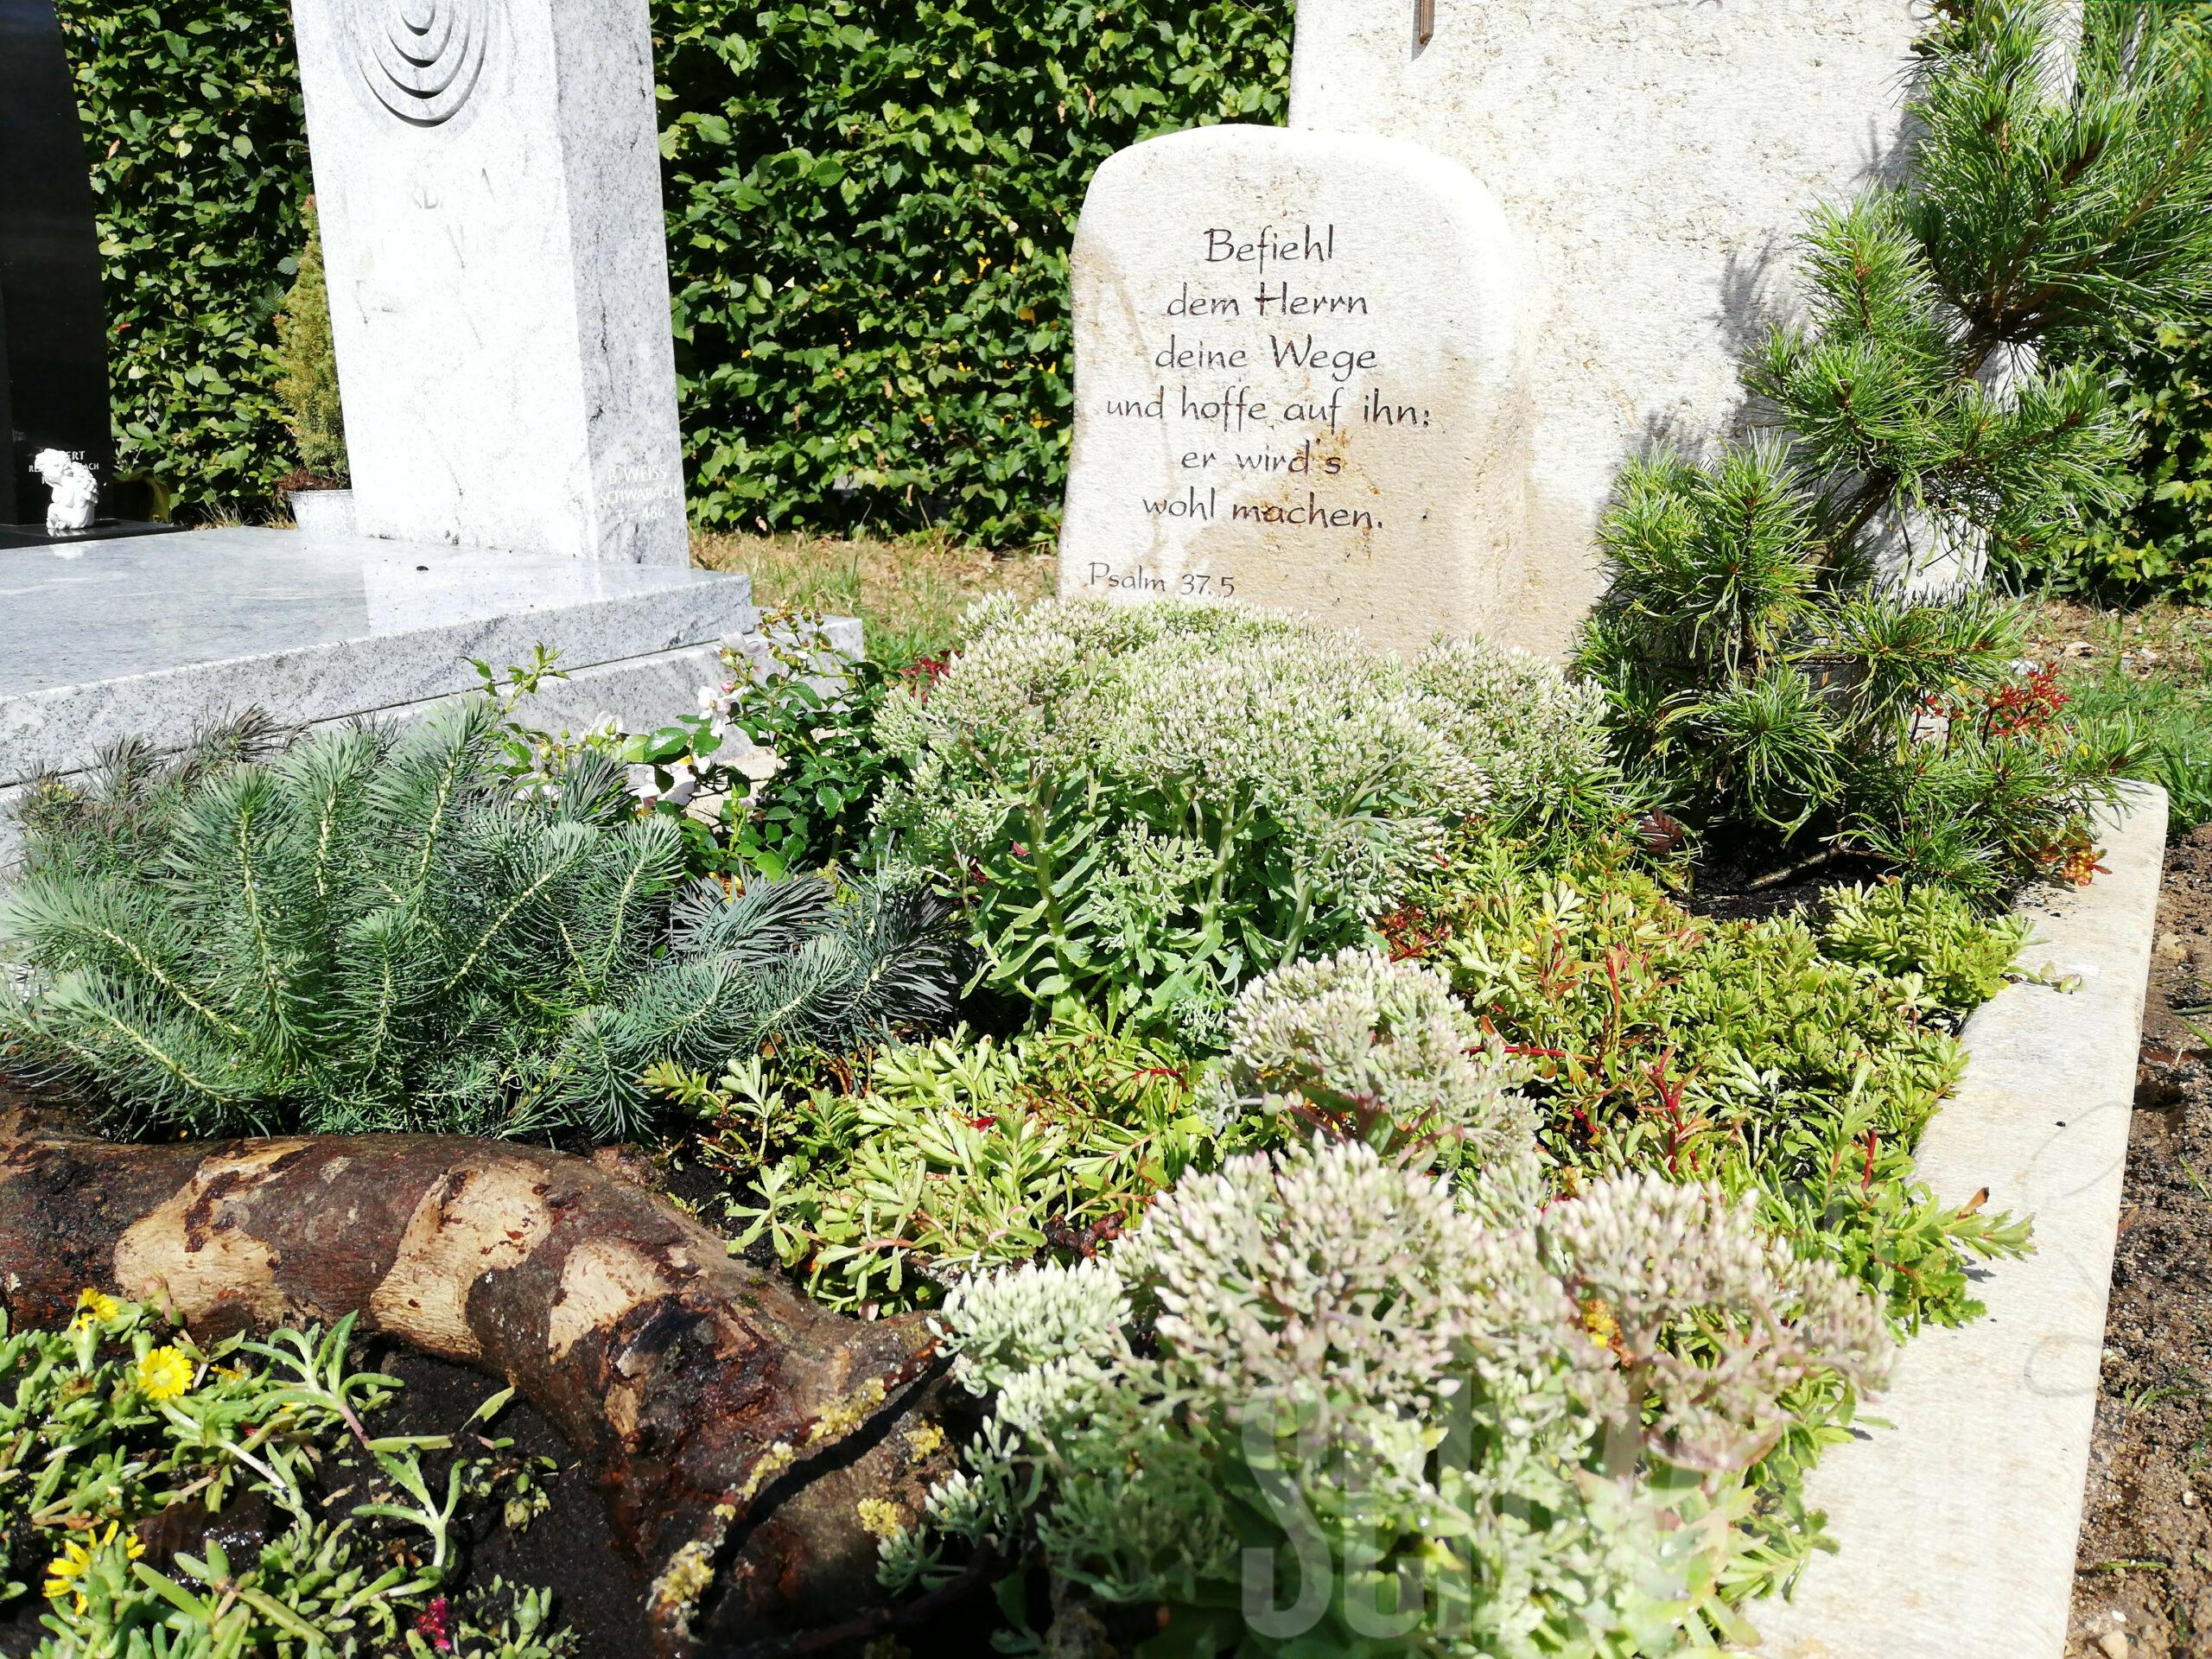 vollsonniges Grab - auf Sandboden - mit Rosen, verschiedenen Mauerpfeffer / Fetthehnen, Mittagsblumen und Kiefer